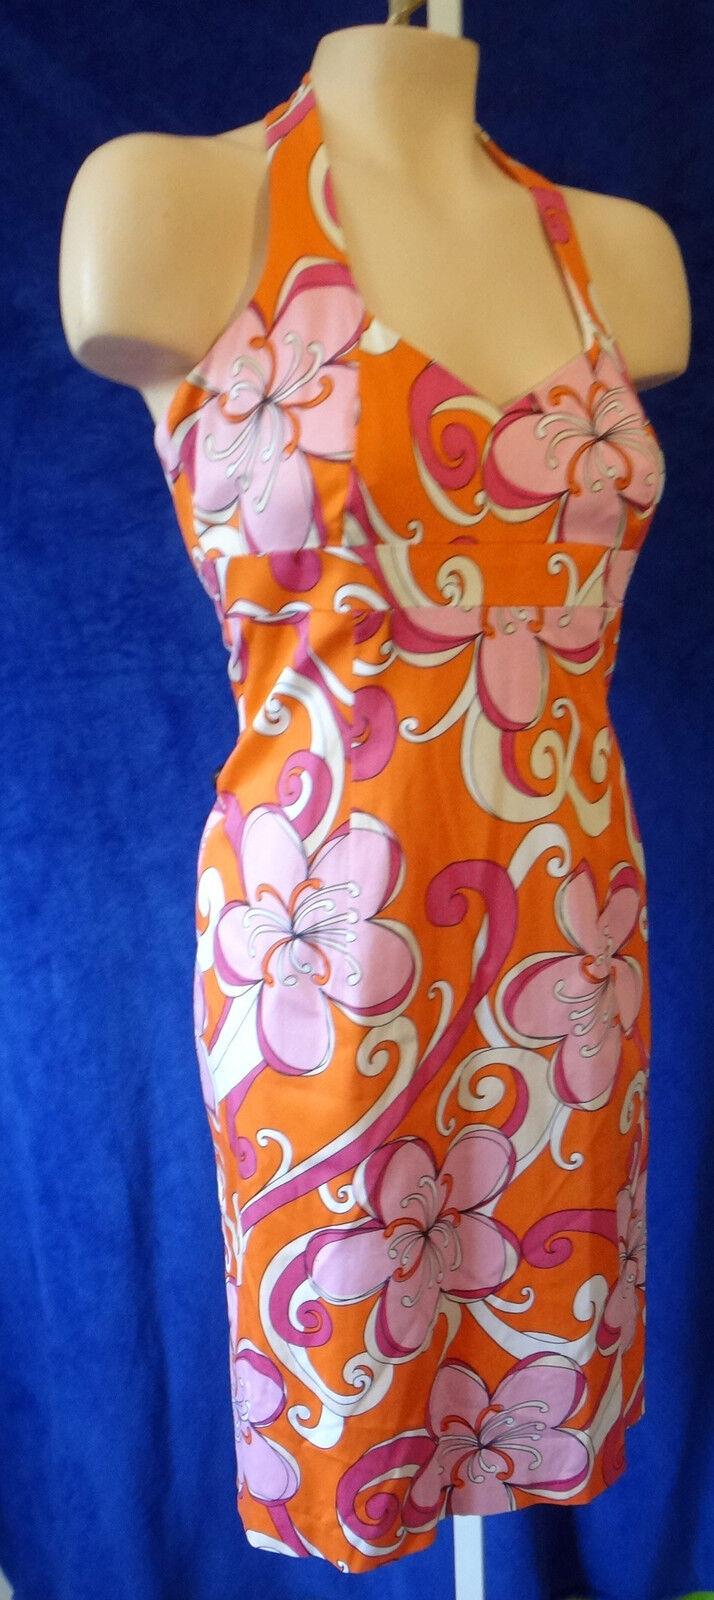 Vintage 50s 70s floral orange dress 10 laundry shelli segal bright halter pink